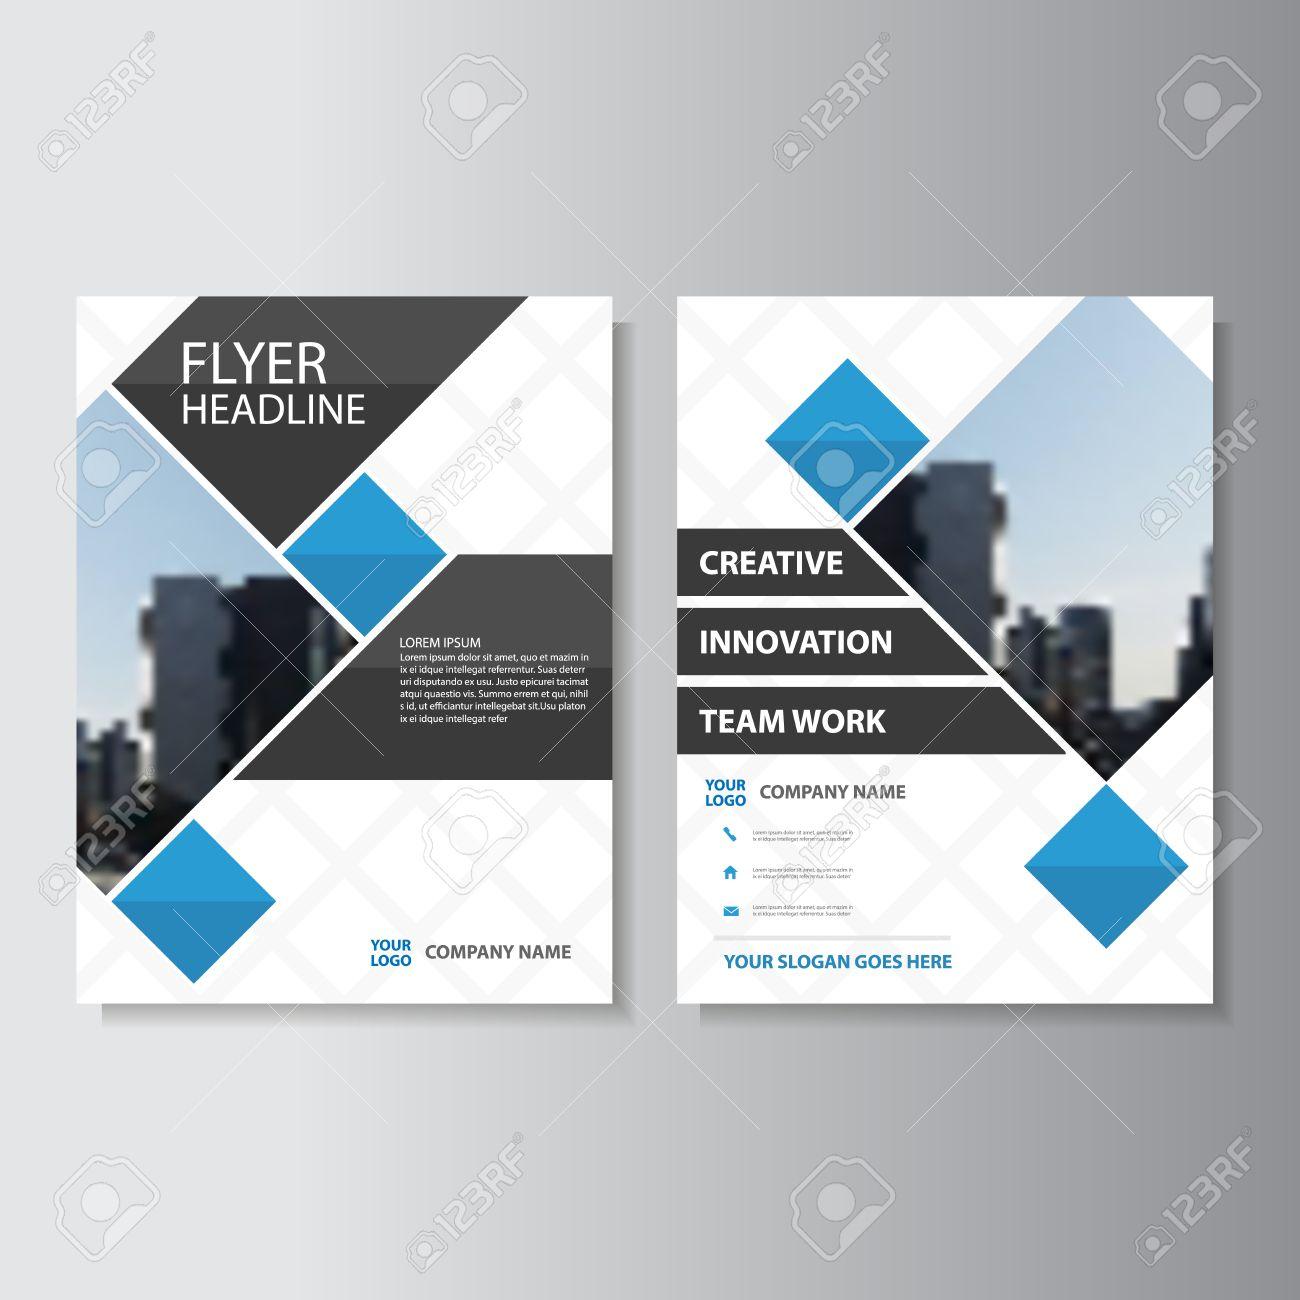 Creative Bleu Vecteur Projet D Entreprise Rapport Annuel Dépliant Brochure Flyer Conception De Modèle La Conception Couverture Du Livre De Mise En